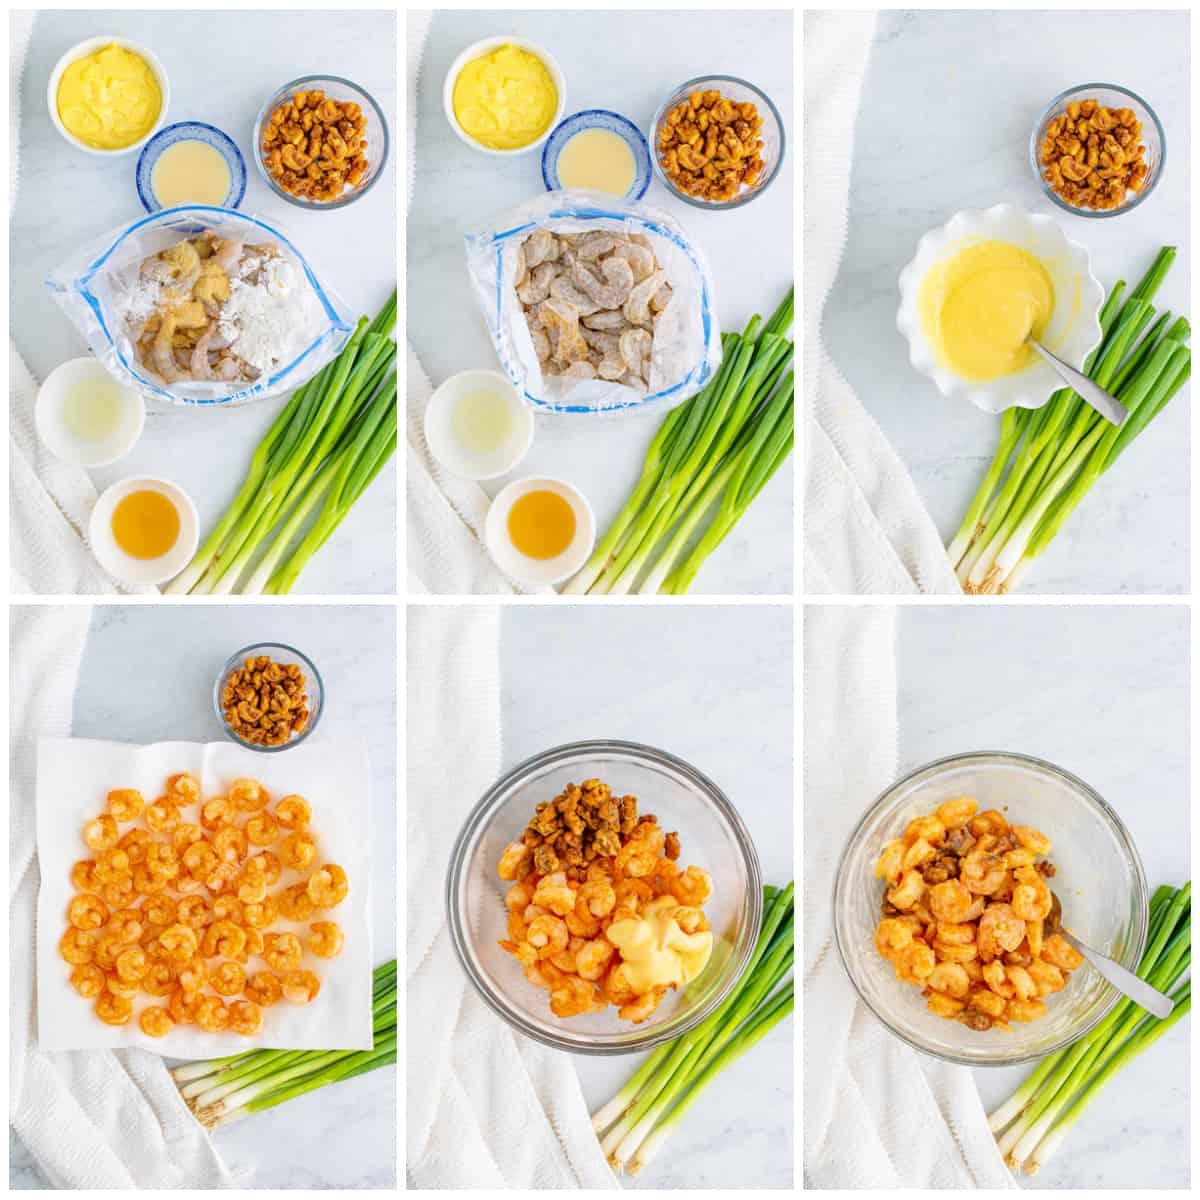 Step by step photos on how to make Honey Walnut Shrimp